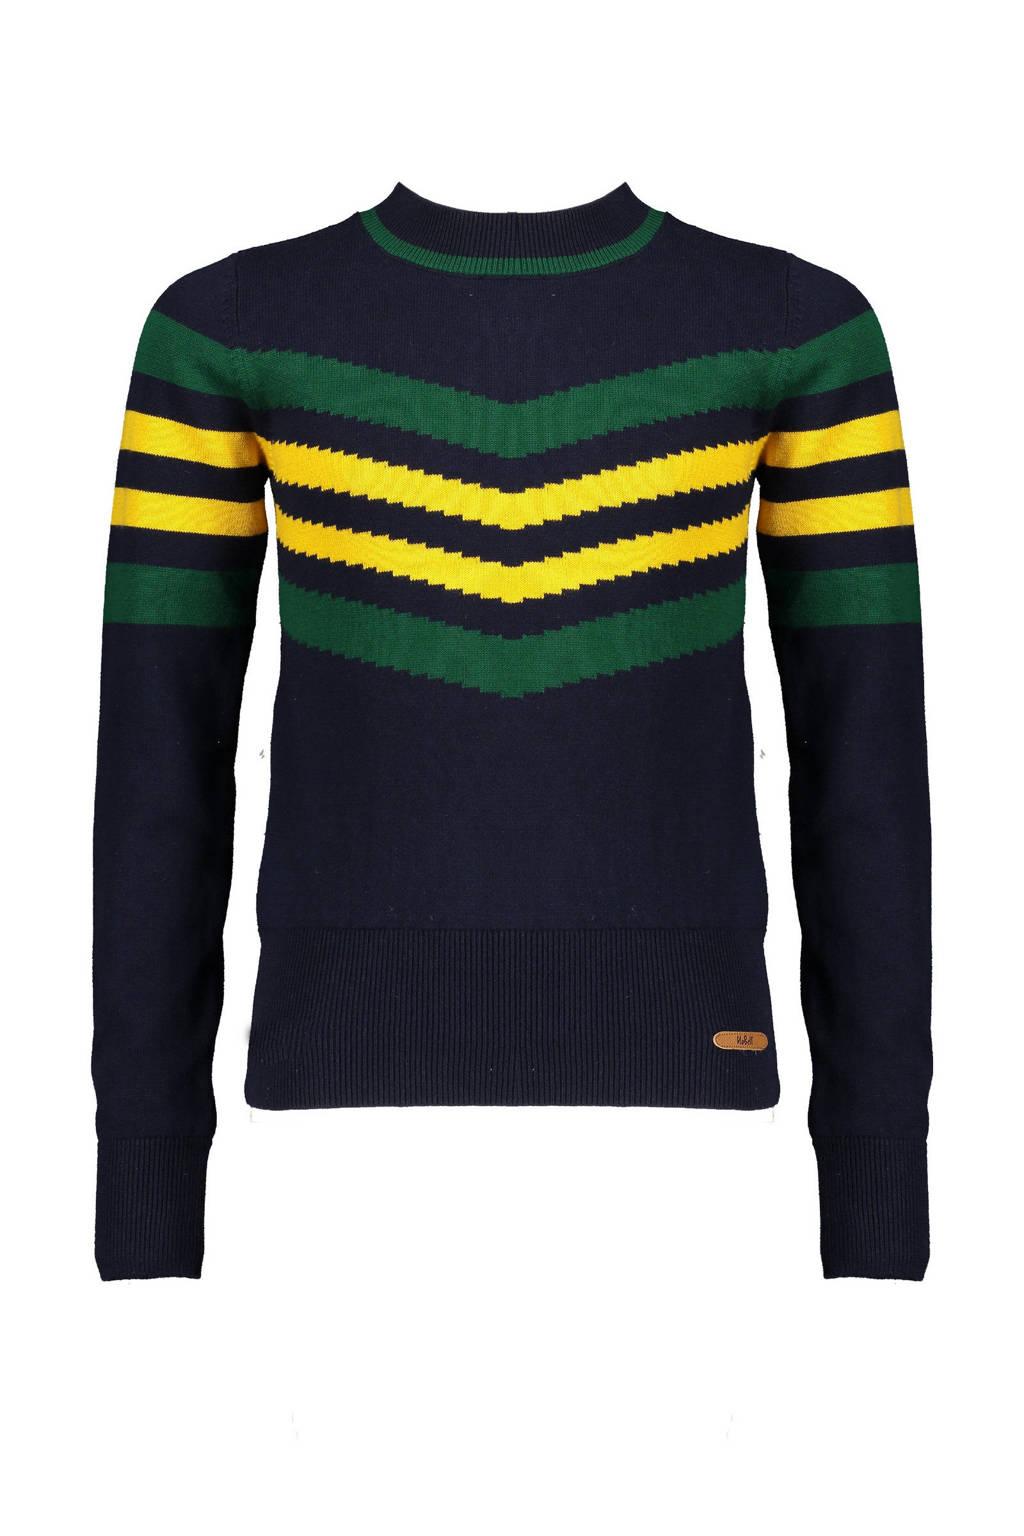 NoBell' gestreepte fijngebreide trui Kasia donkerblauw/groen/geel, Donkerblauw/groen/geel